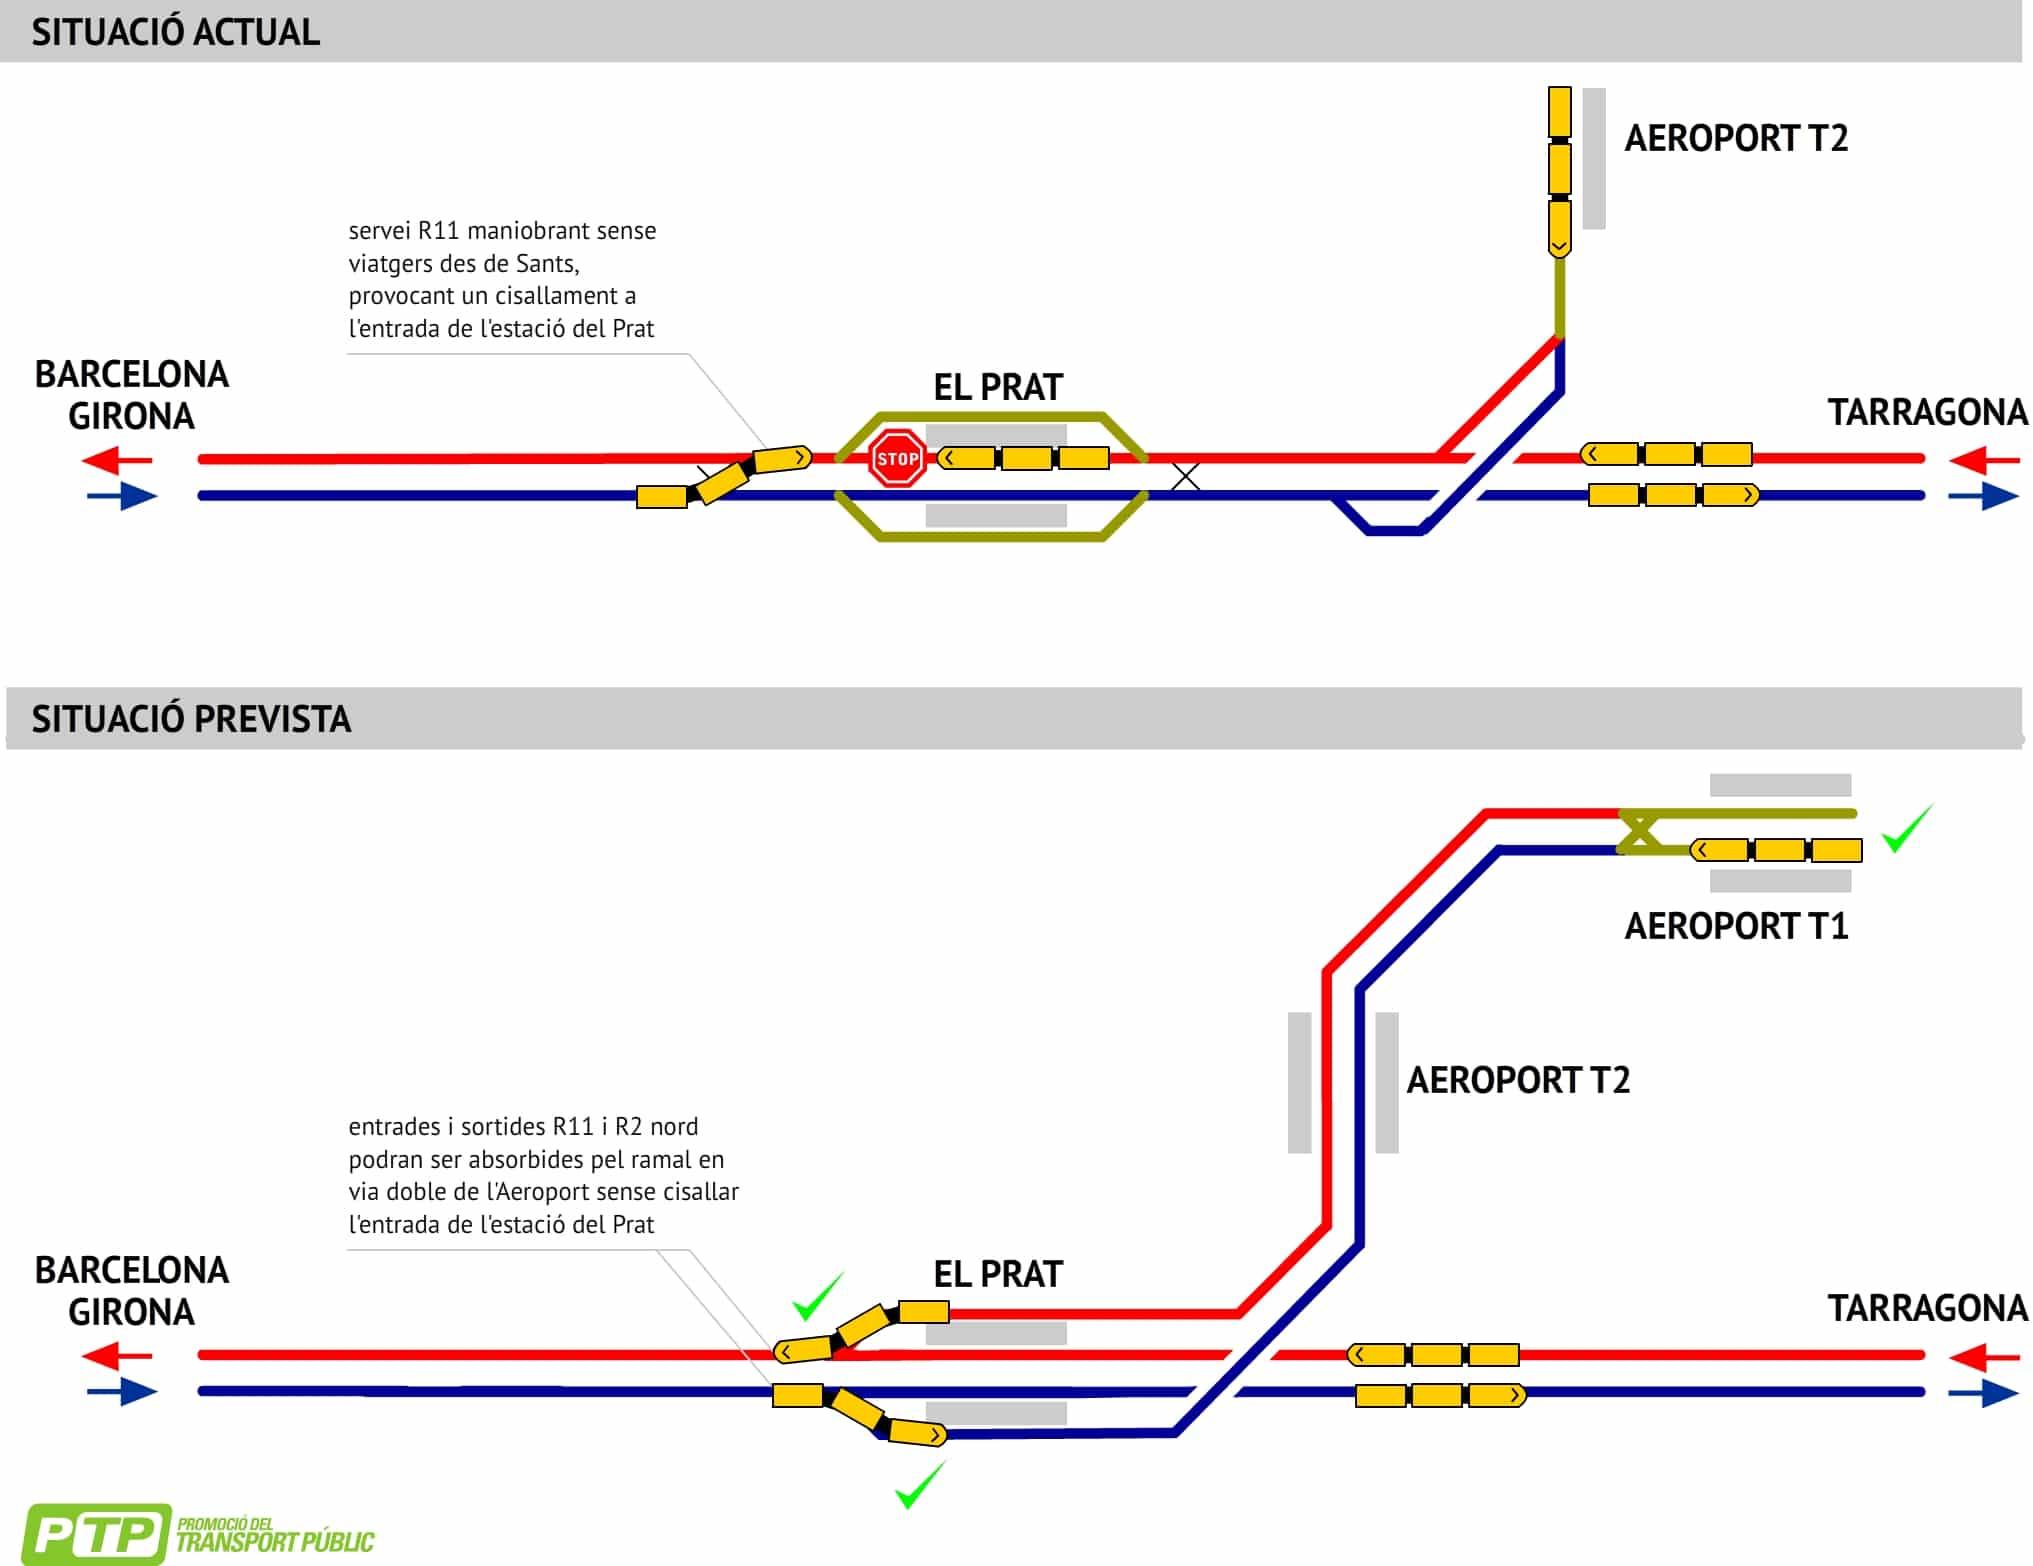 Proposta de millora operativa associada al nou ramal de l'aeroport